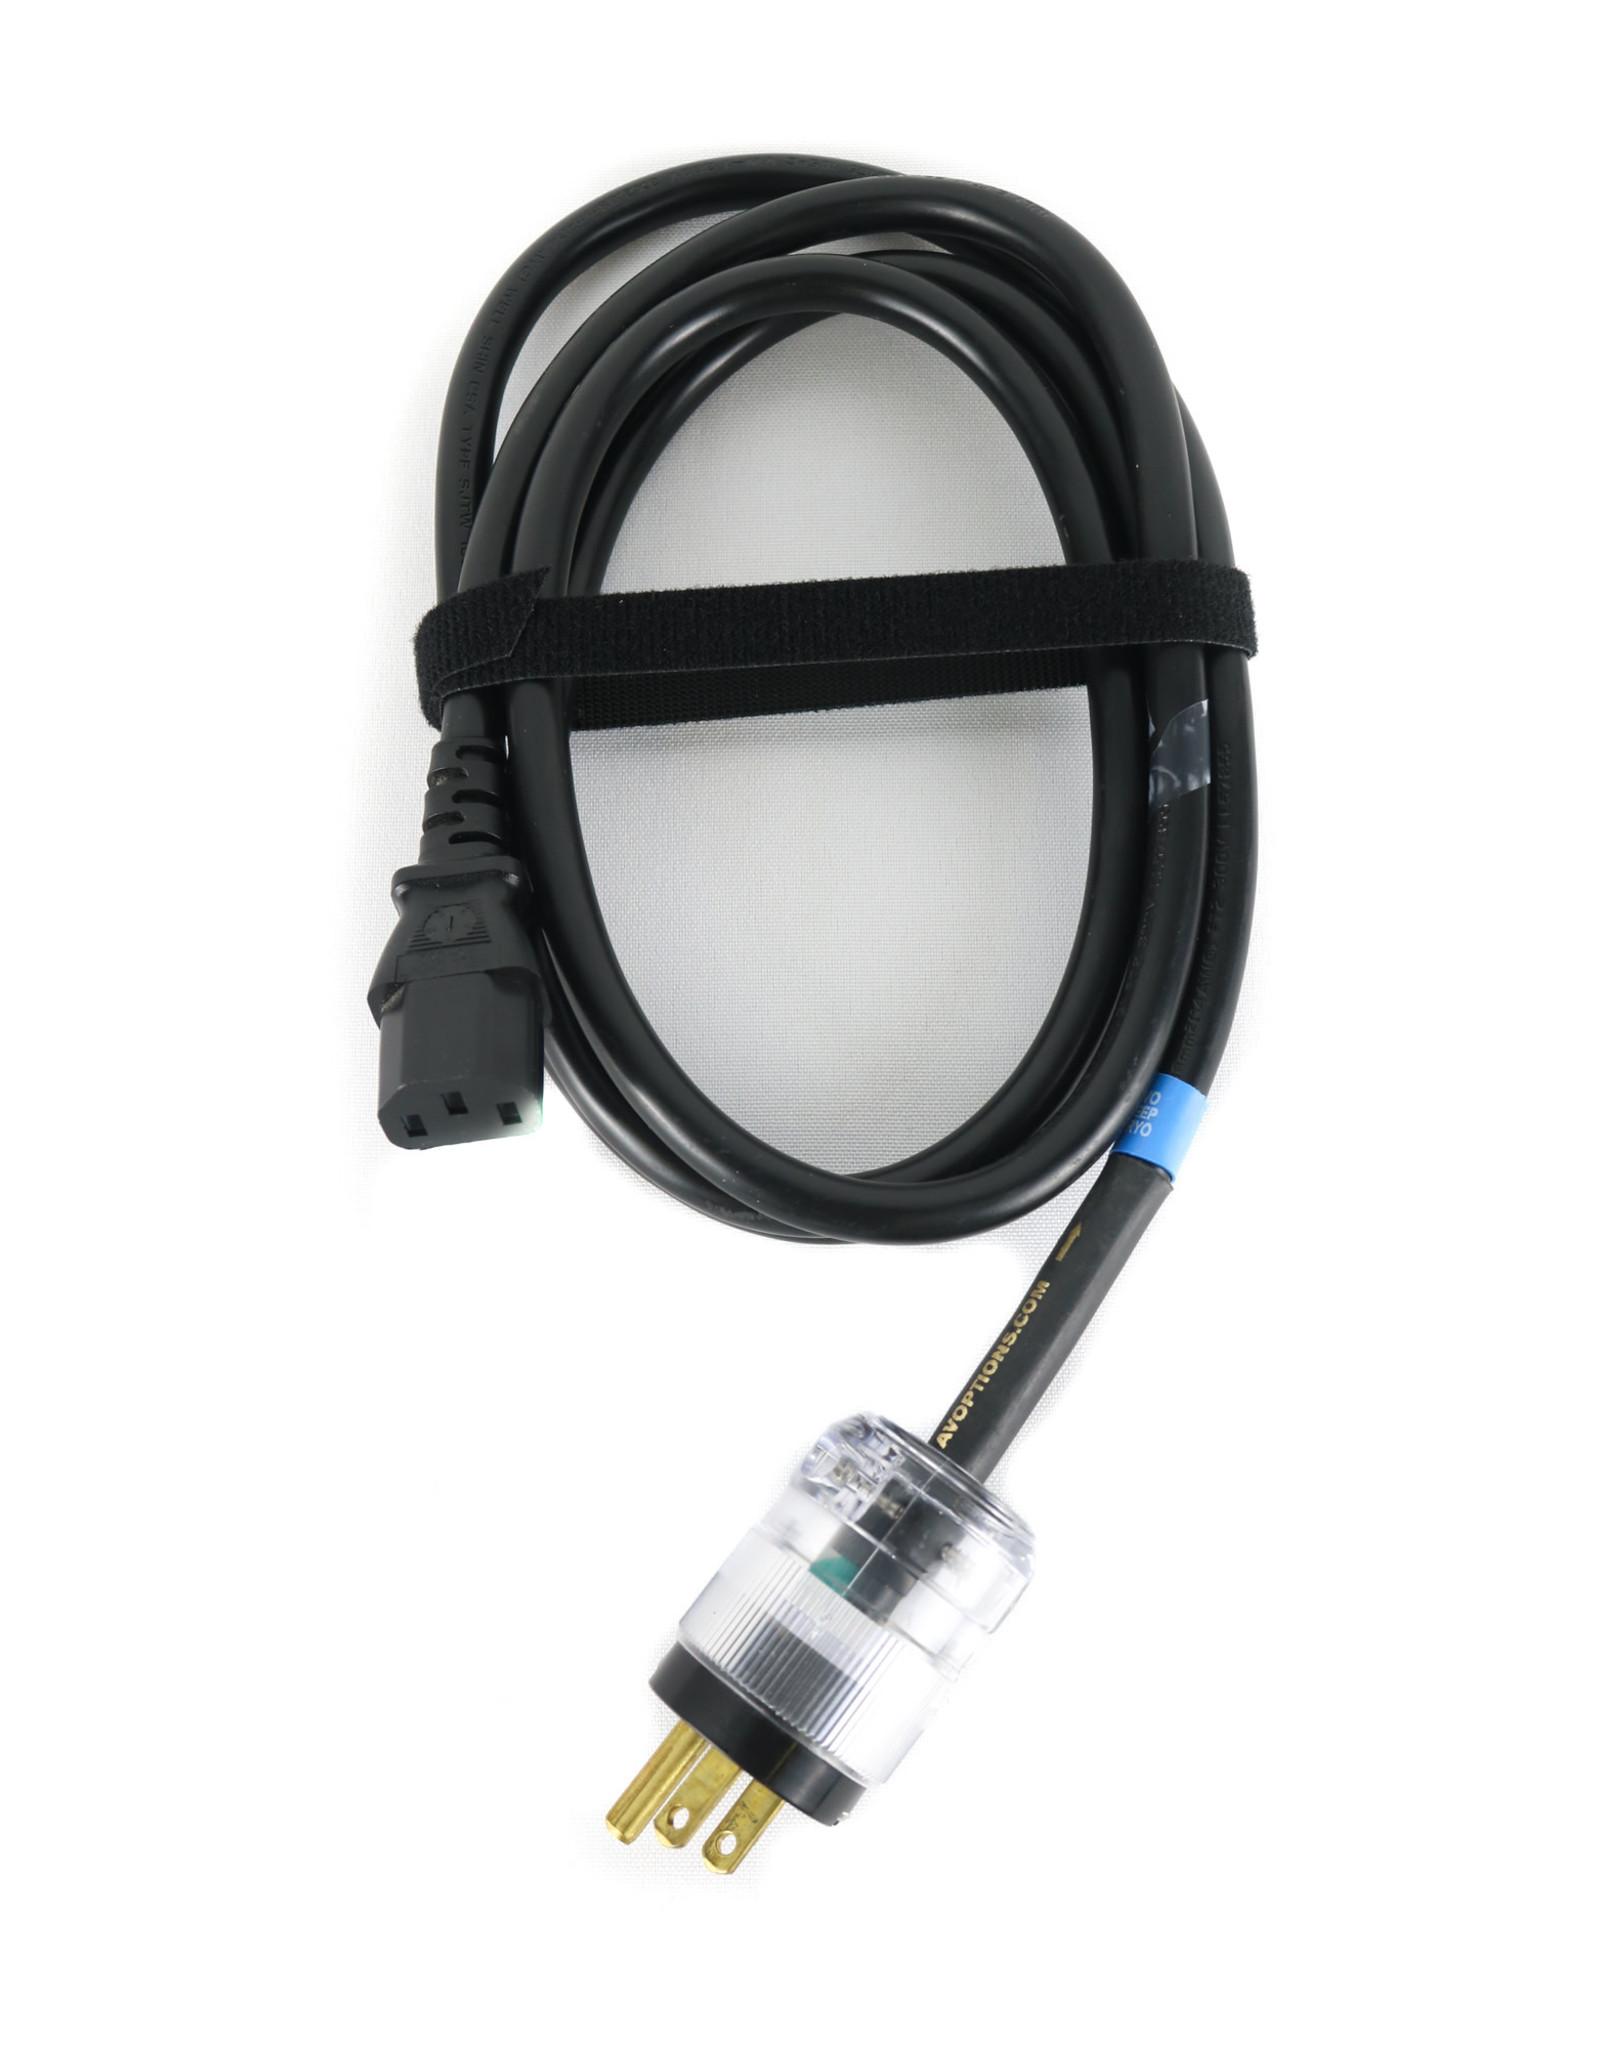 AV Options AV Options TibiaPlus AC Power Cable USED